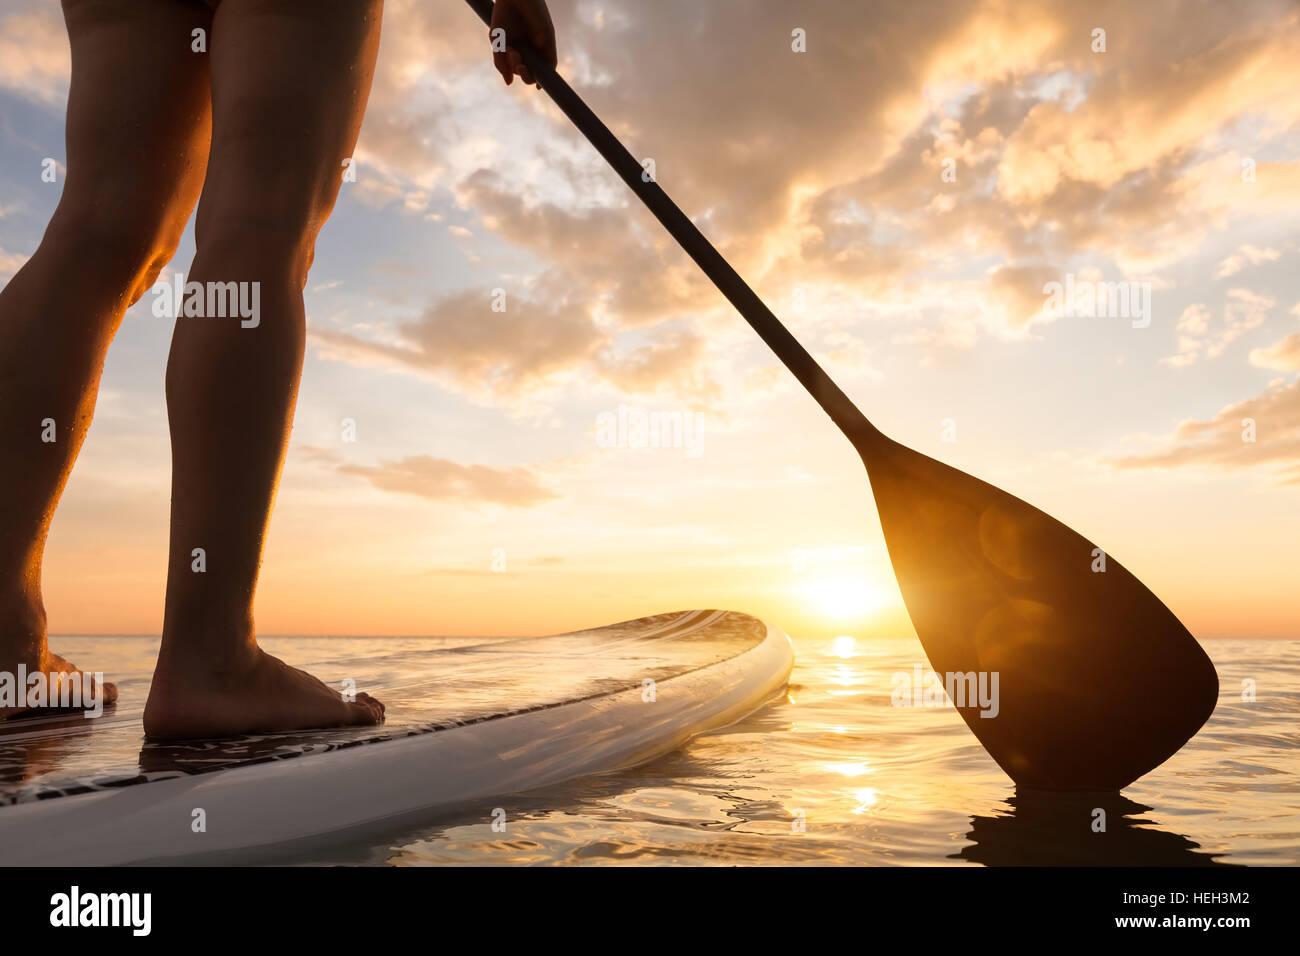 El Stand Up Paddle Surf en un mar tranquilo, con cálidos colores del atardecer de verano, cerca de piernasFoto de stock